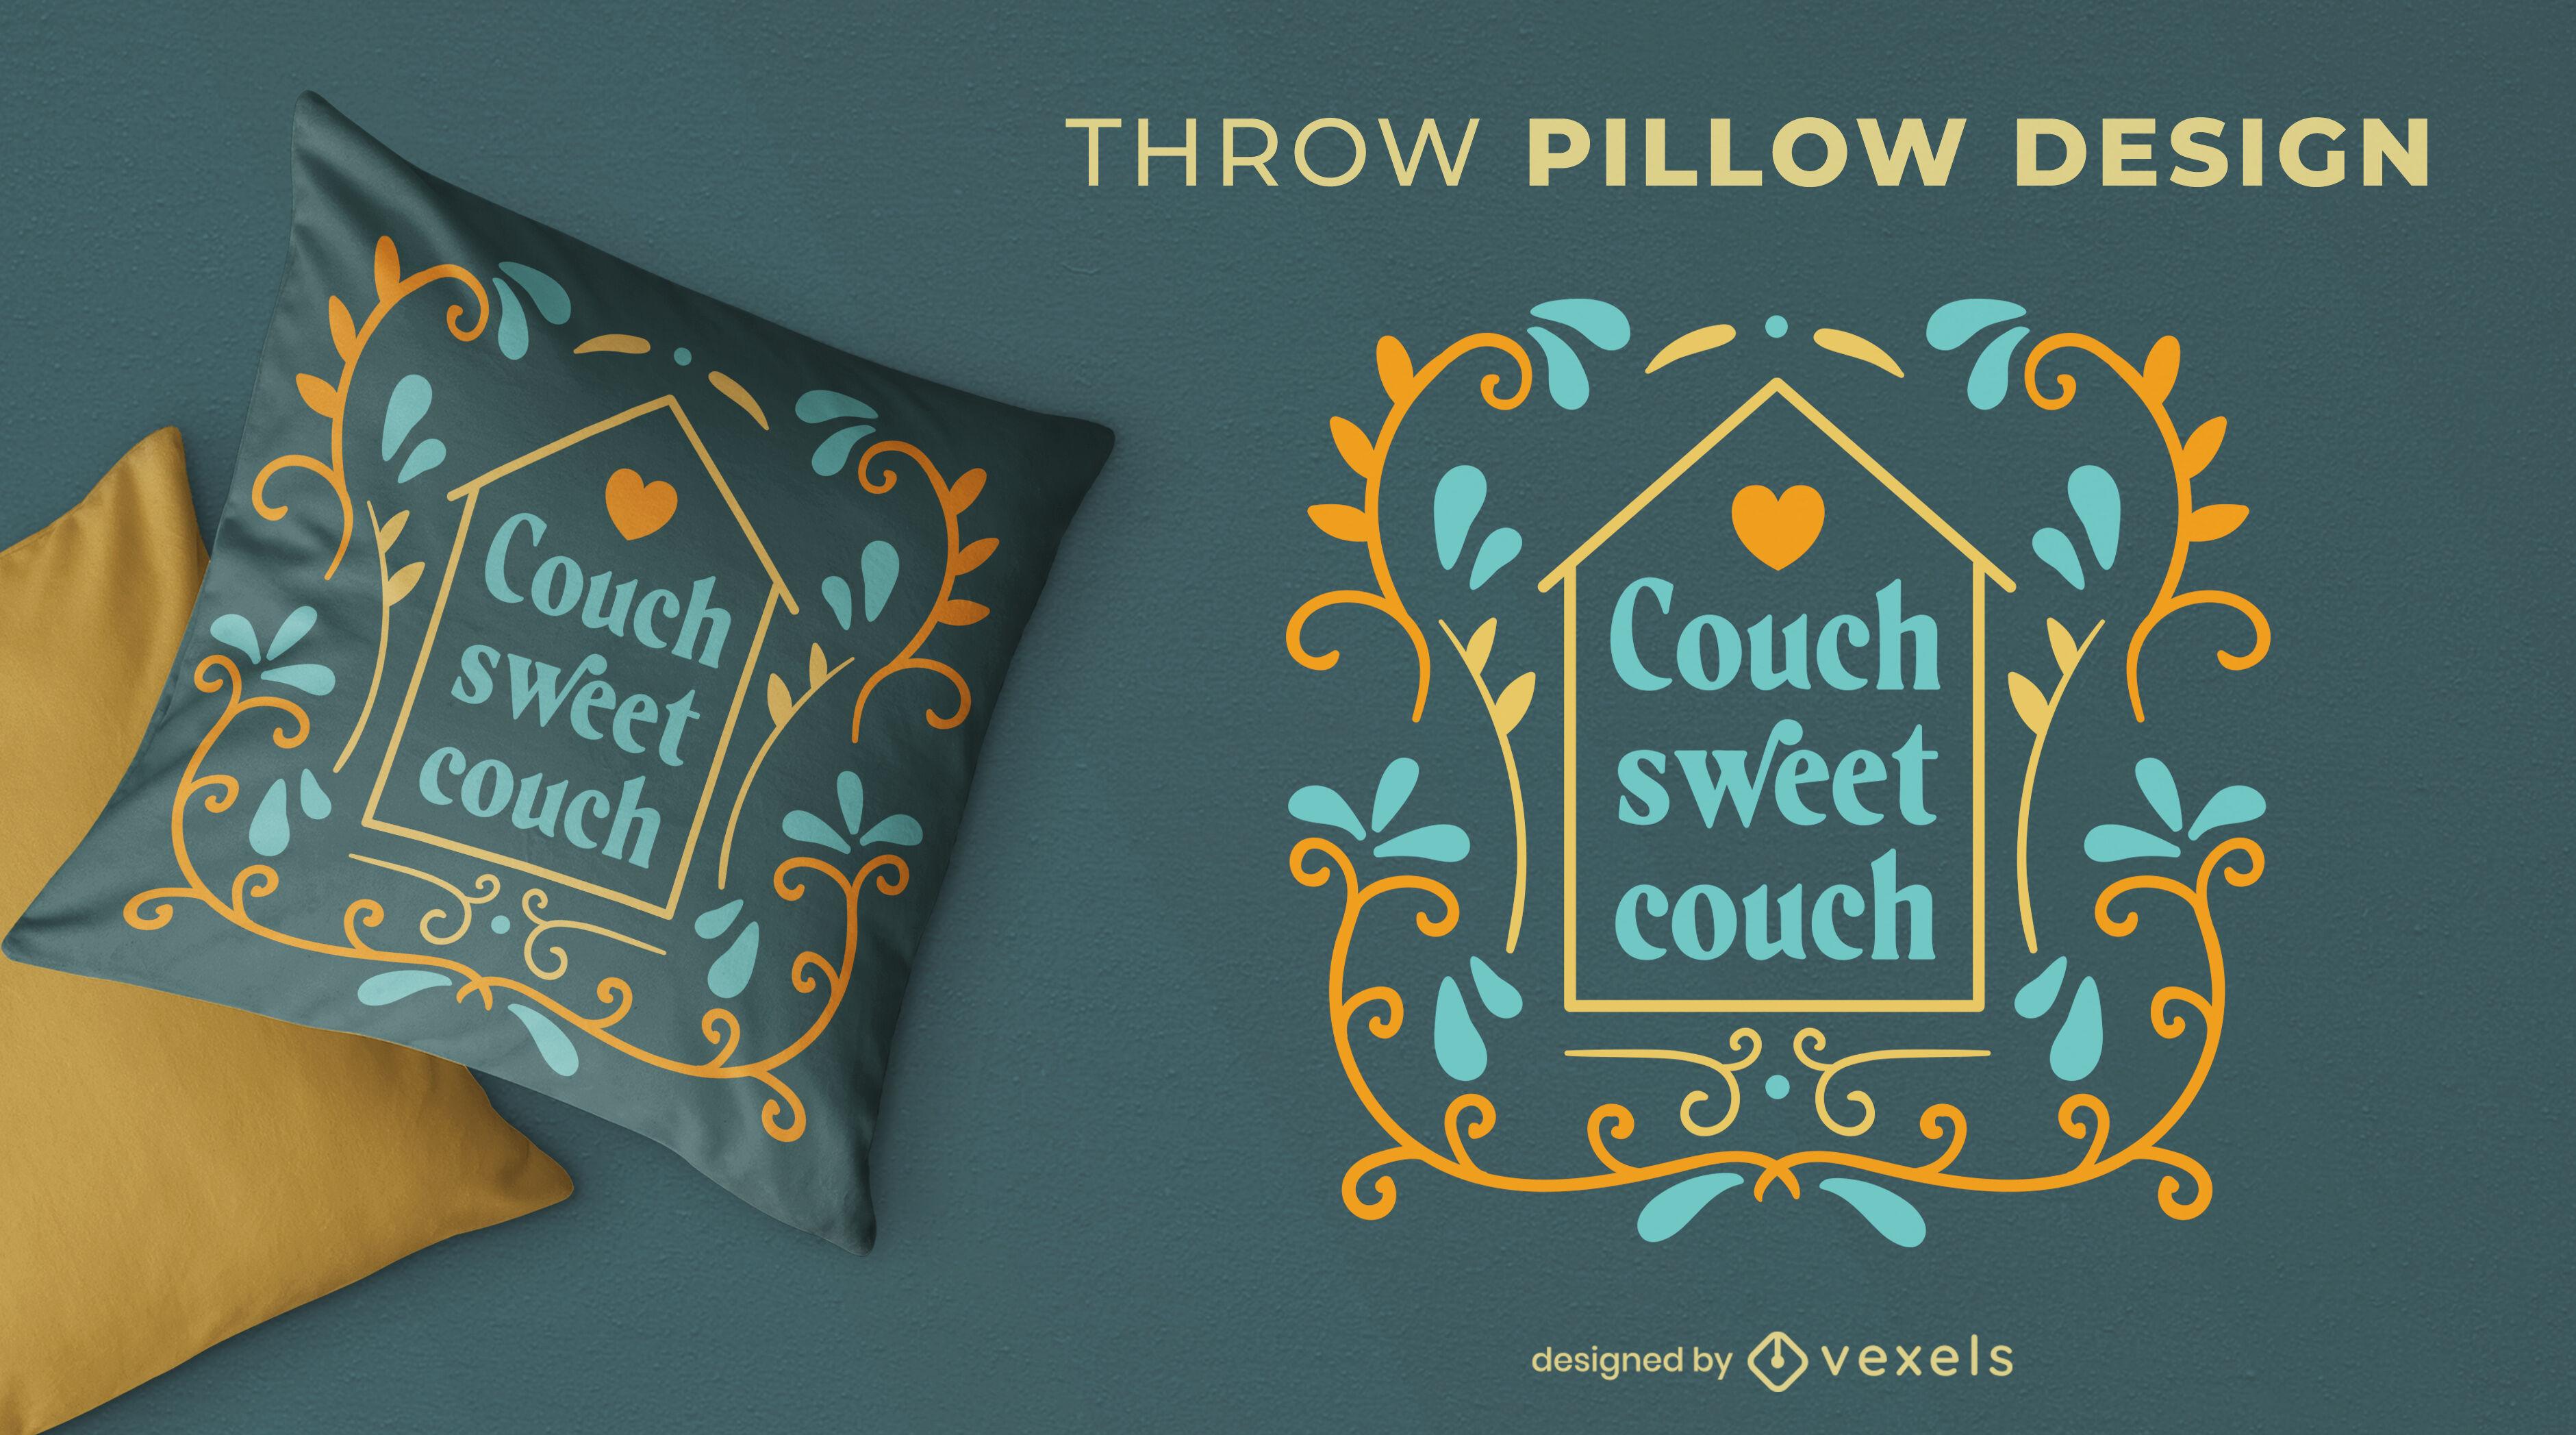 Diseño de almohada de tiro de cita de sofá dulce